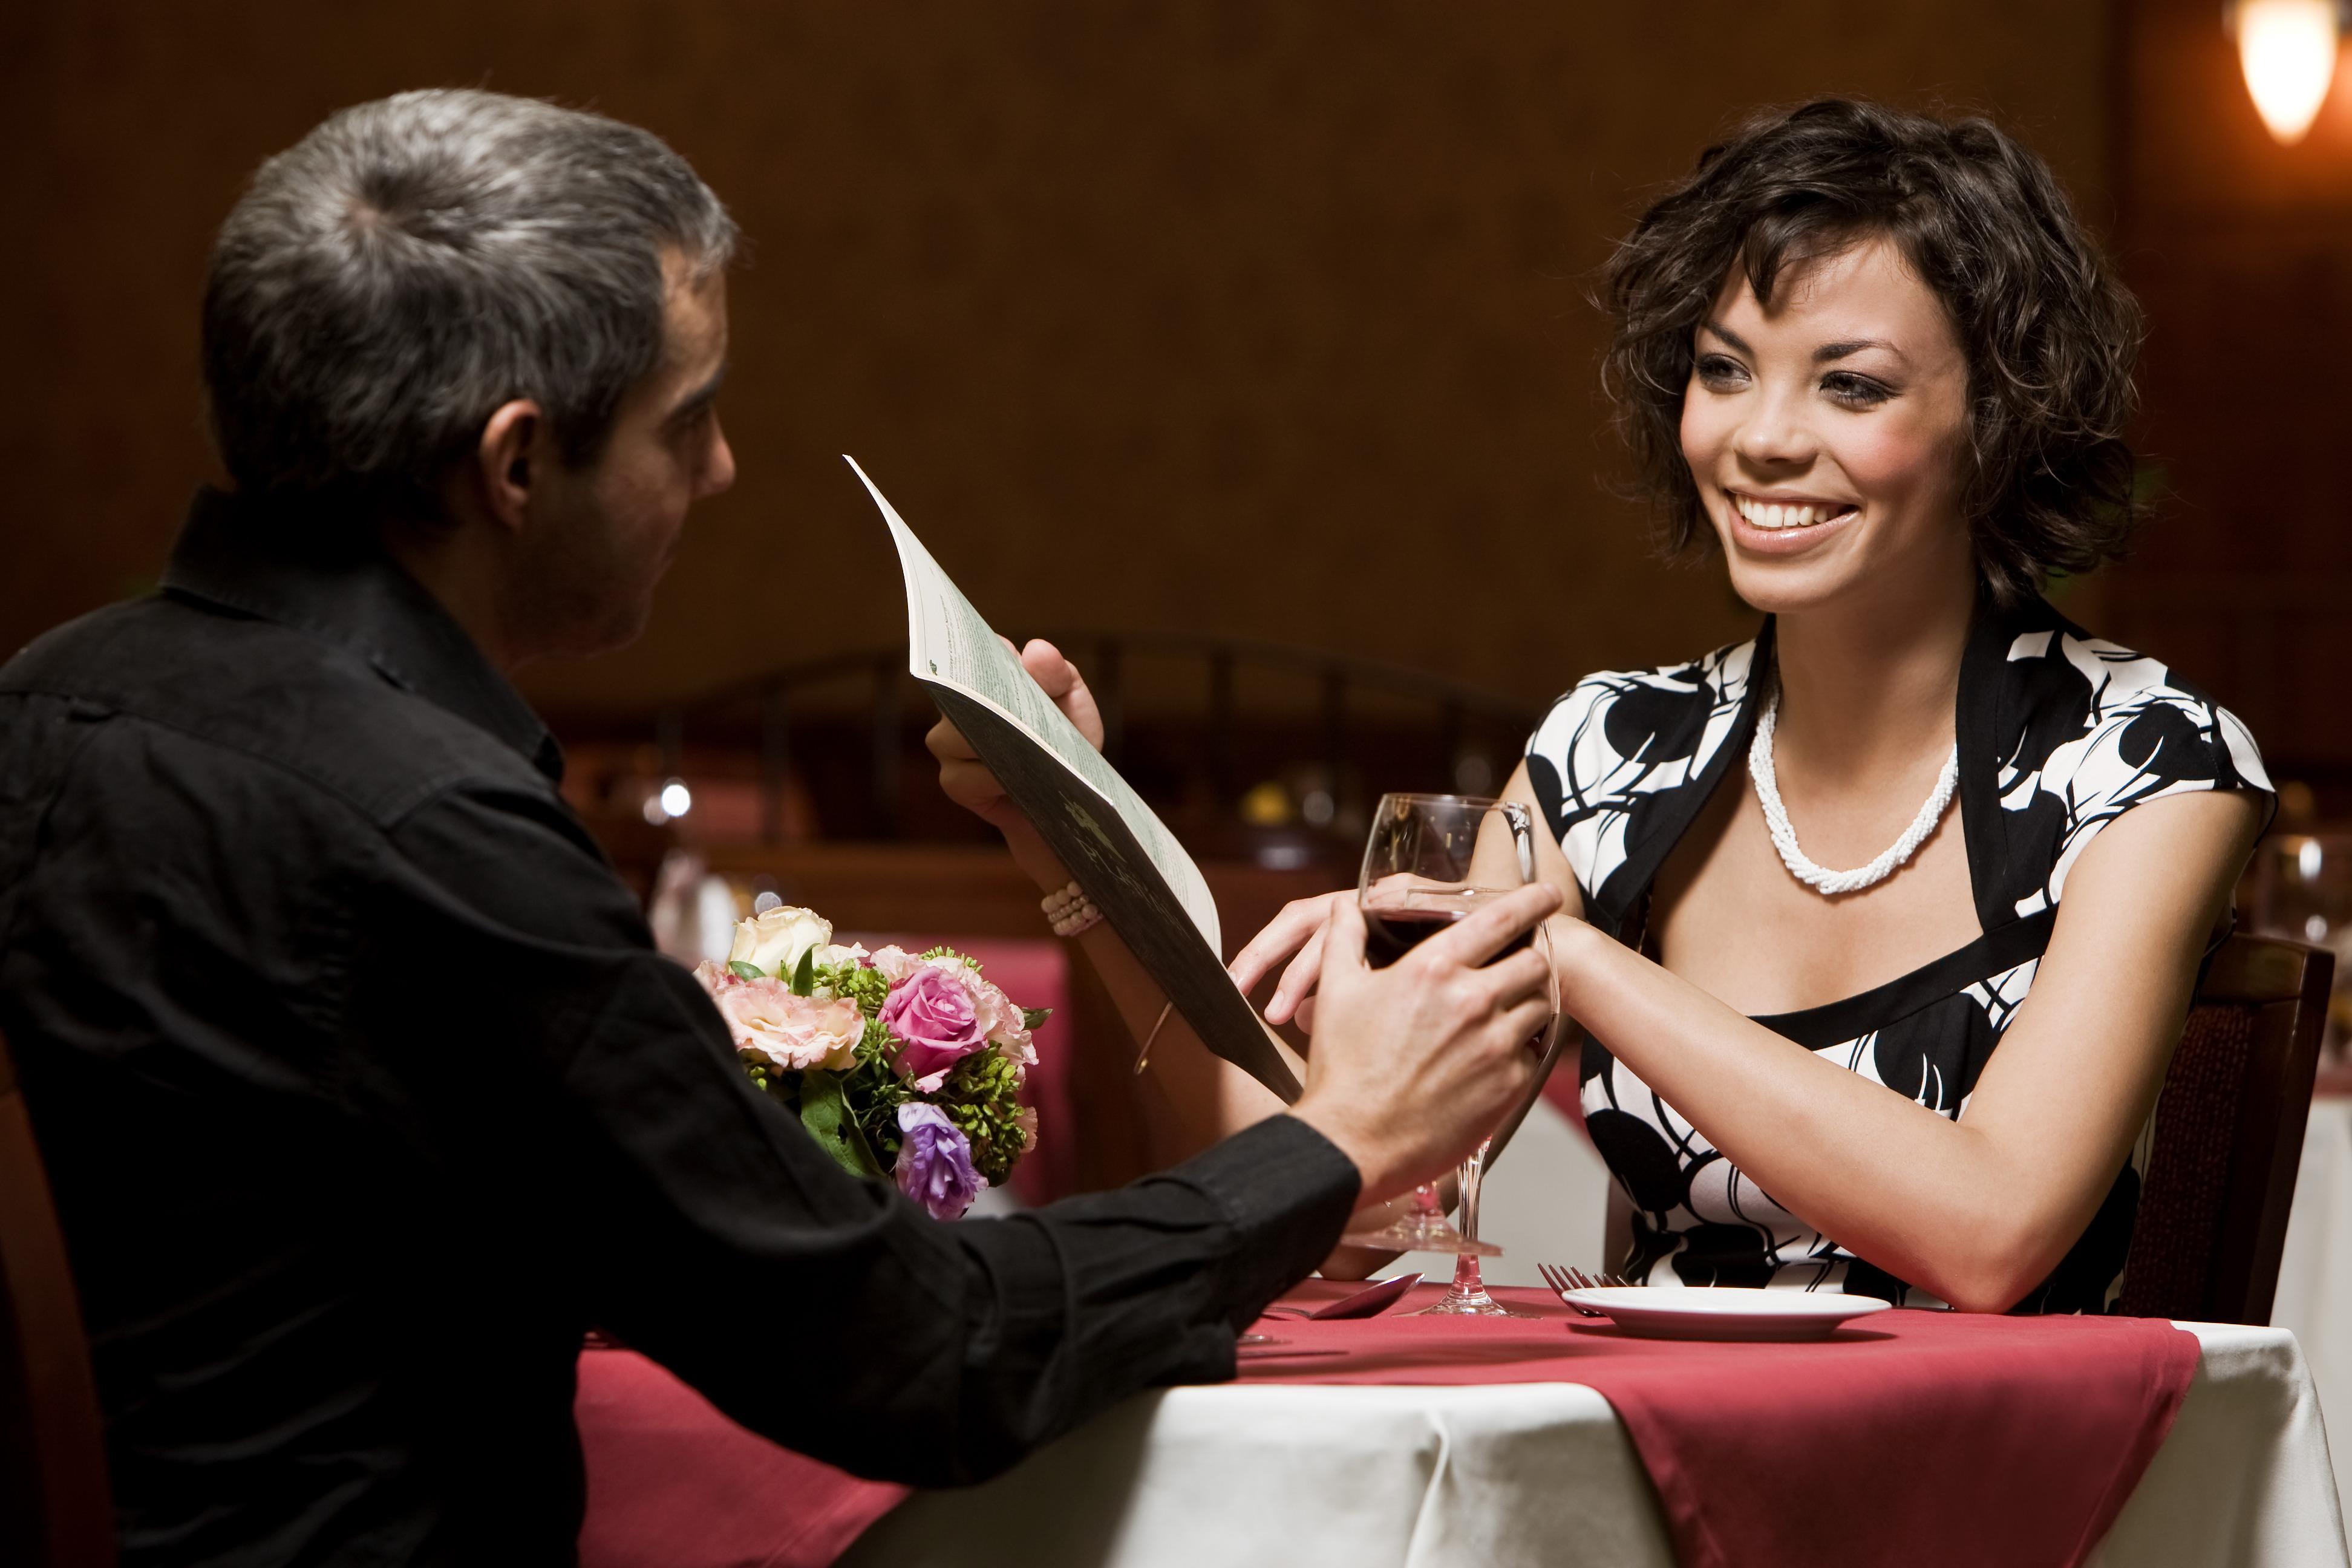 romantikus vacsora terített asztalnál